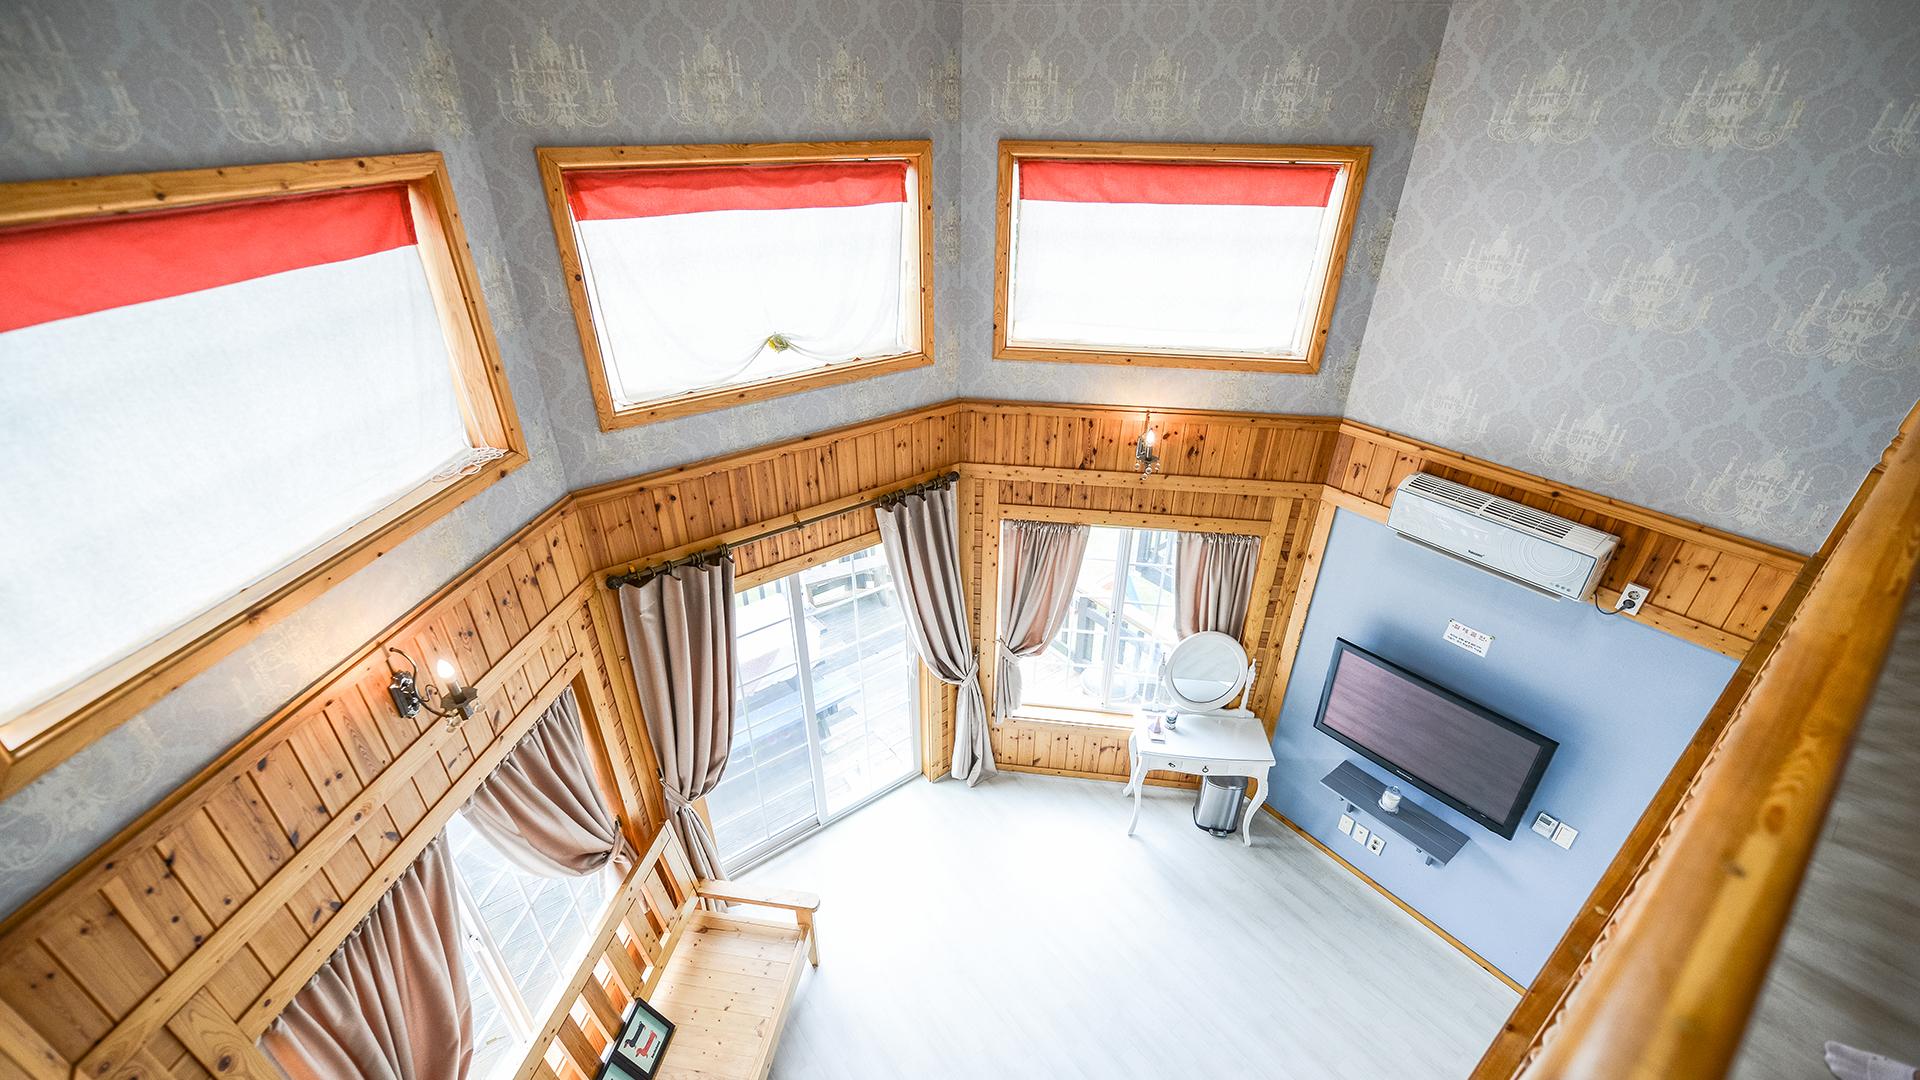 203 복층3베드실 12번째 객실사진